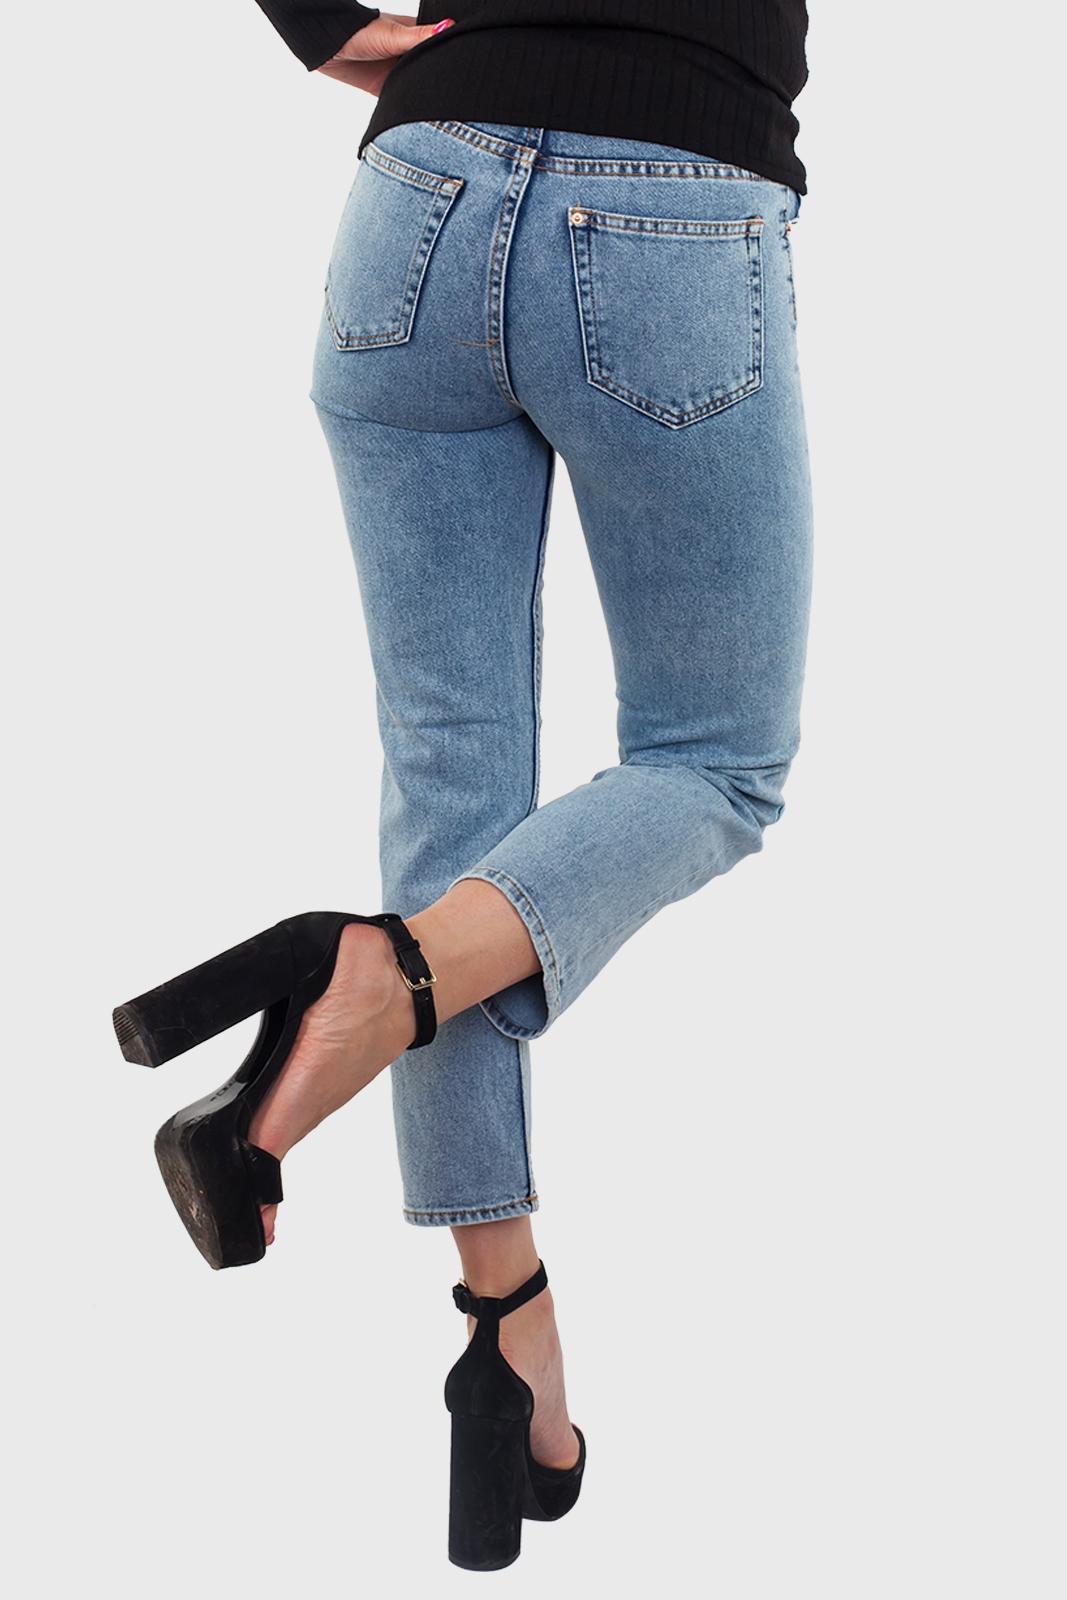 Стильные женские джинсы с удобной доставкой